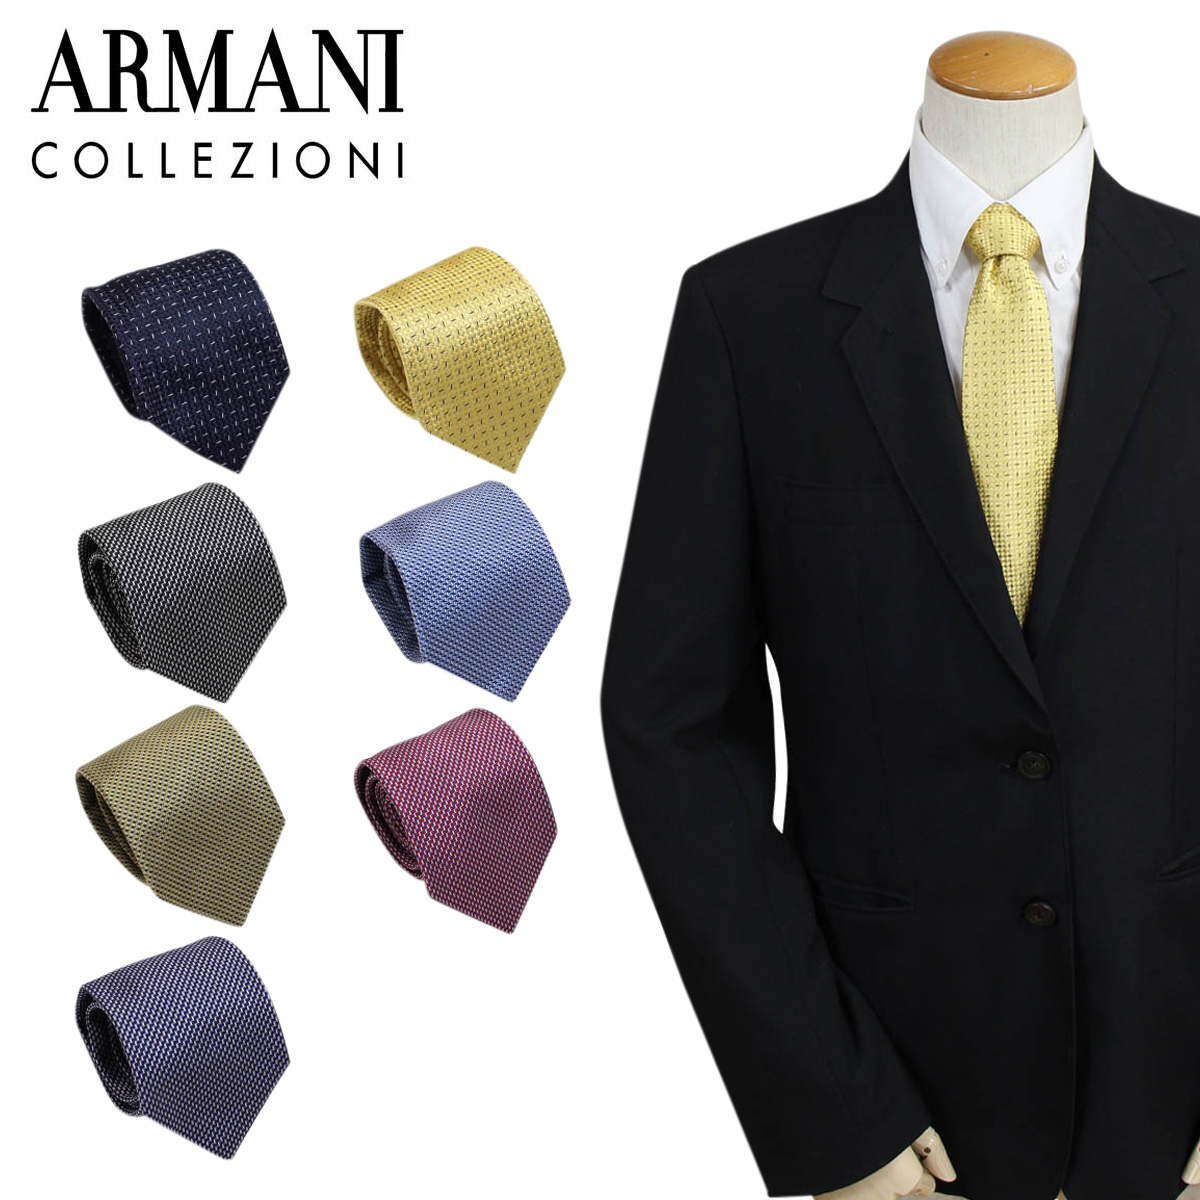 ARMANI COLLEZIONI ネクタイ アルマーニ コレツィオーニ イタリア製 シルク ビジネス 結婚式 メンズ [1712]